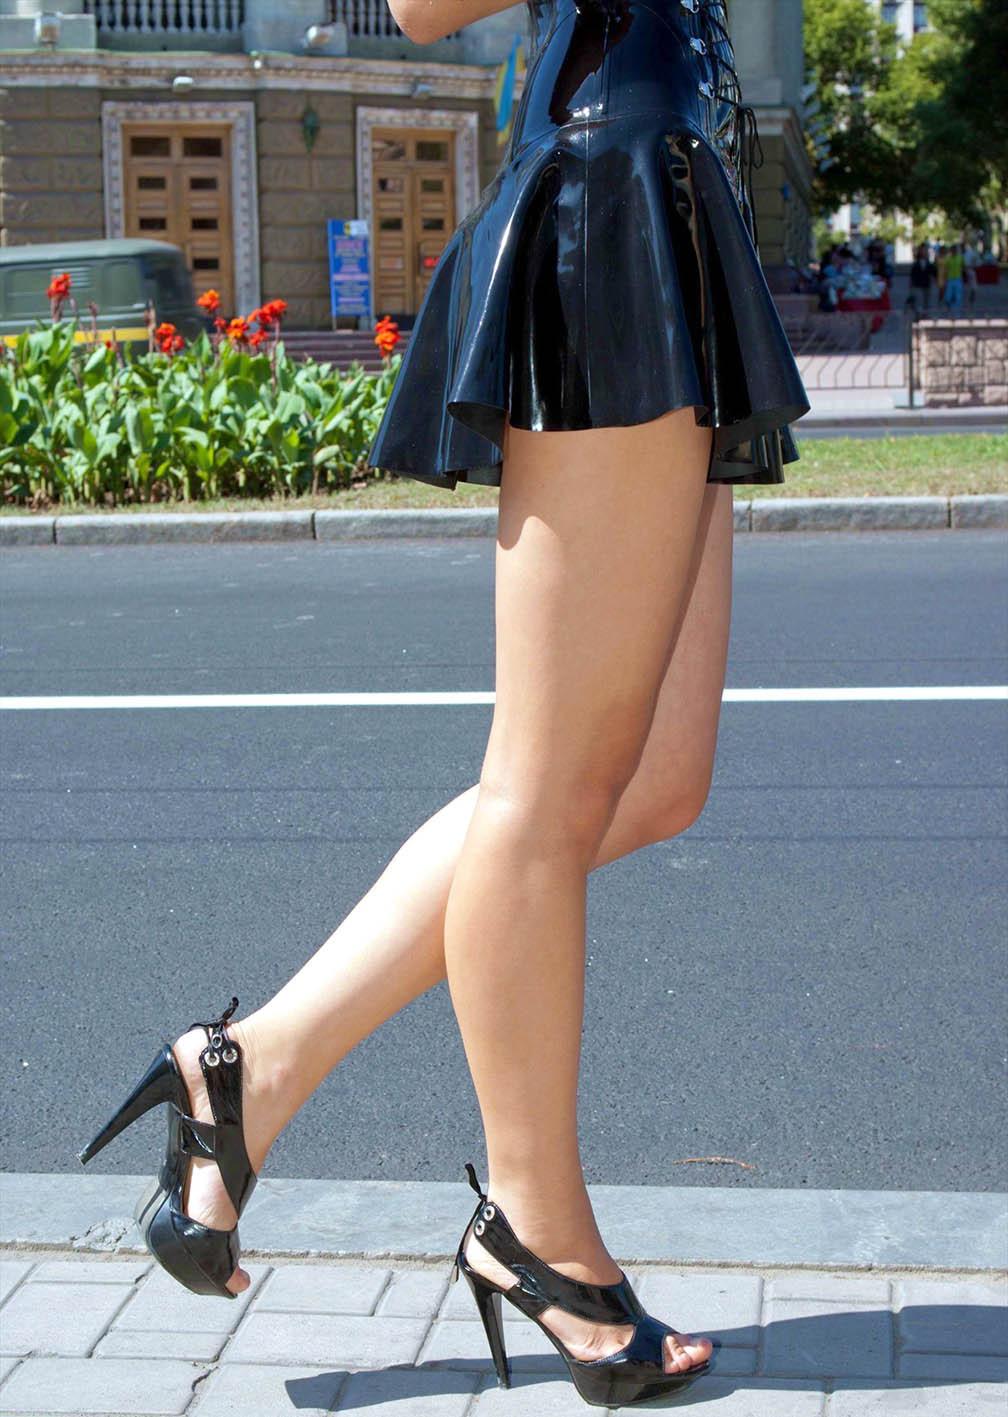 【街撮り美脚エロ画像】パンチラの力借りなくても魅力的な街の美脚を無差別撮りm9っ`・ω・´)